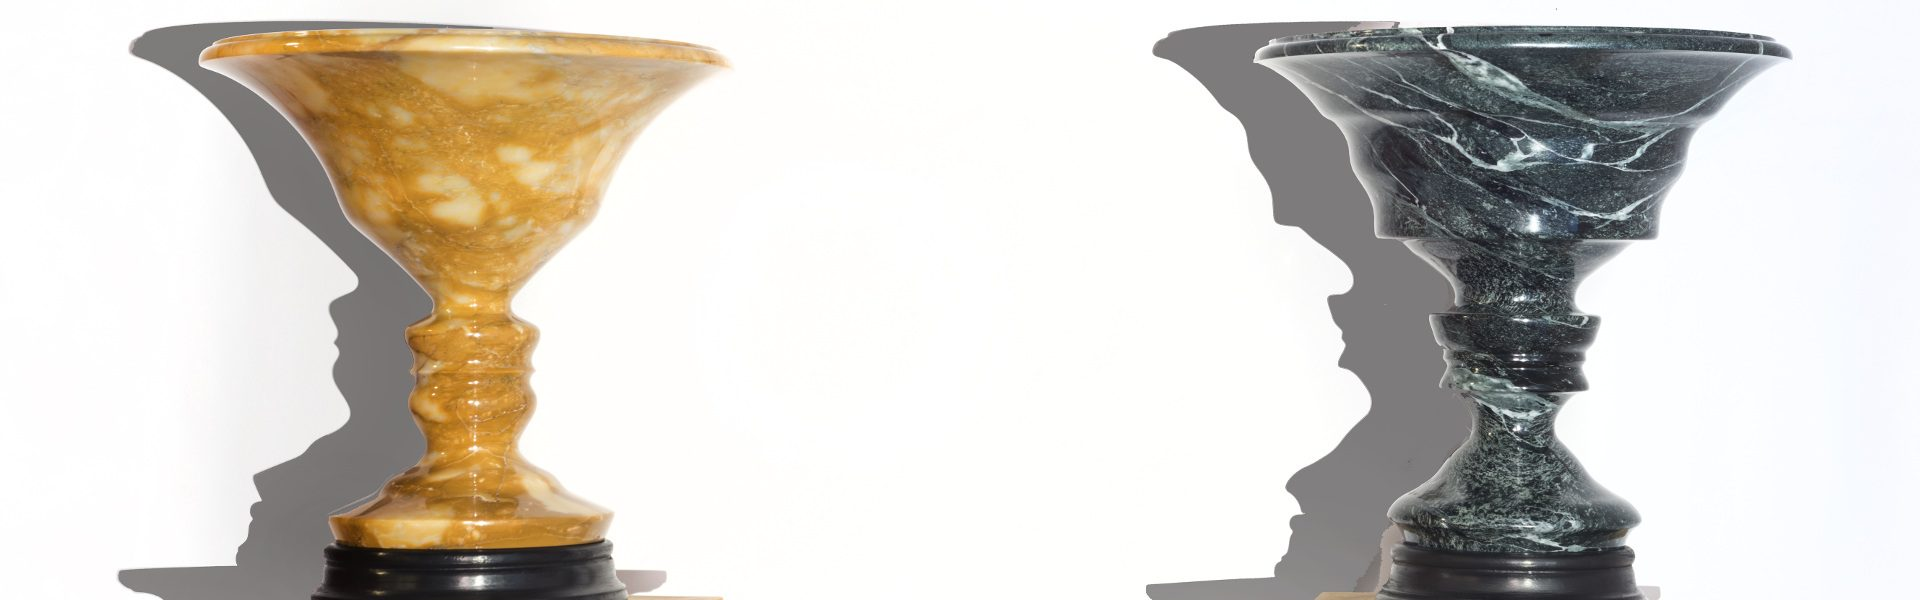 Luca Maria Patella, Vasi fisiognomici di Battista Sforza e di Federico da Montefeltro, galleria Il Ponte, Firenze